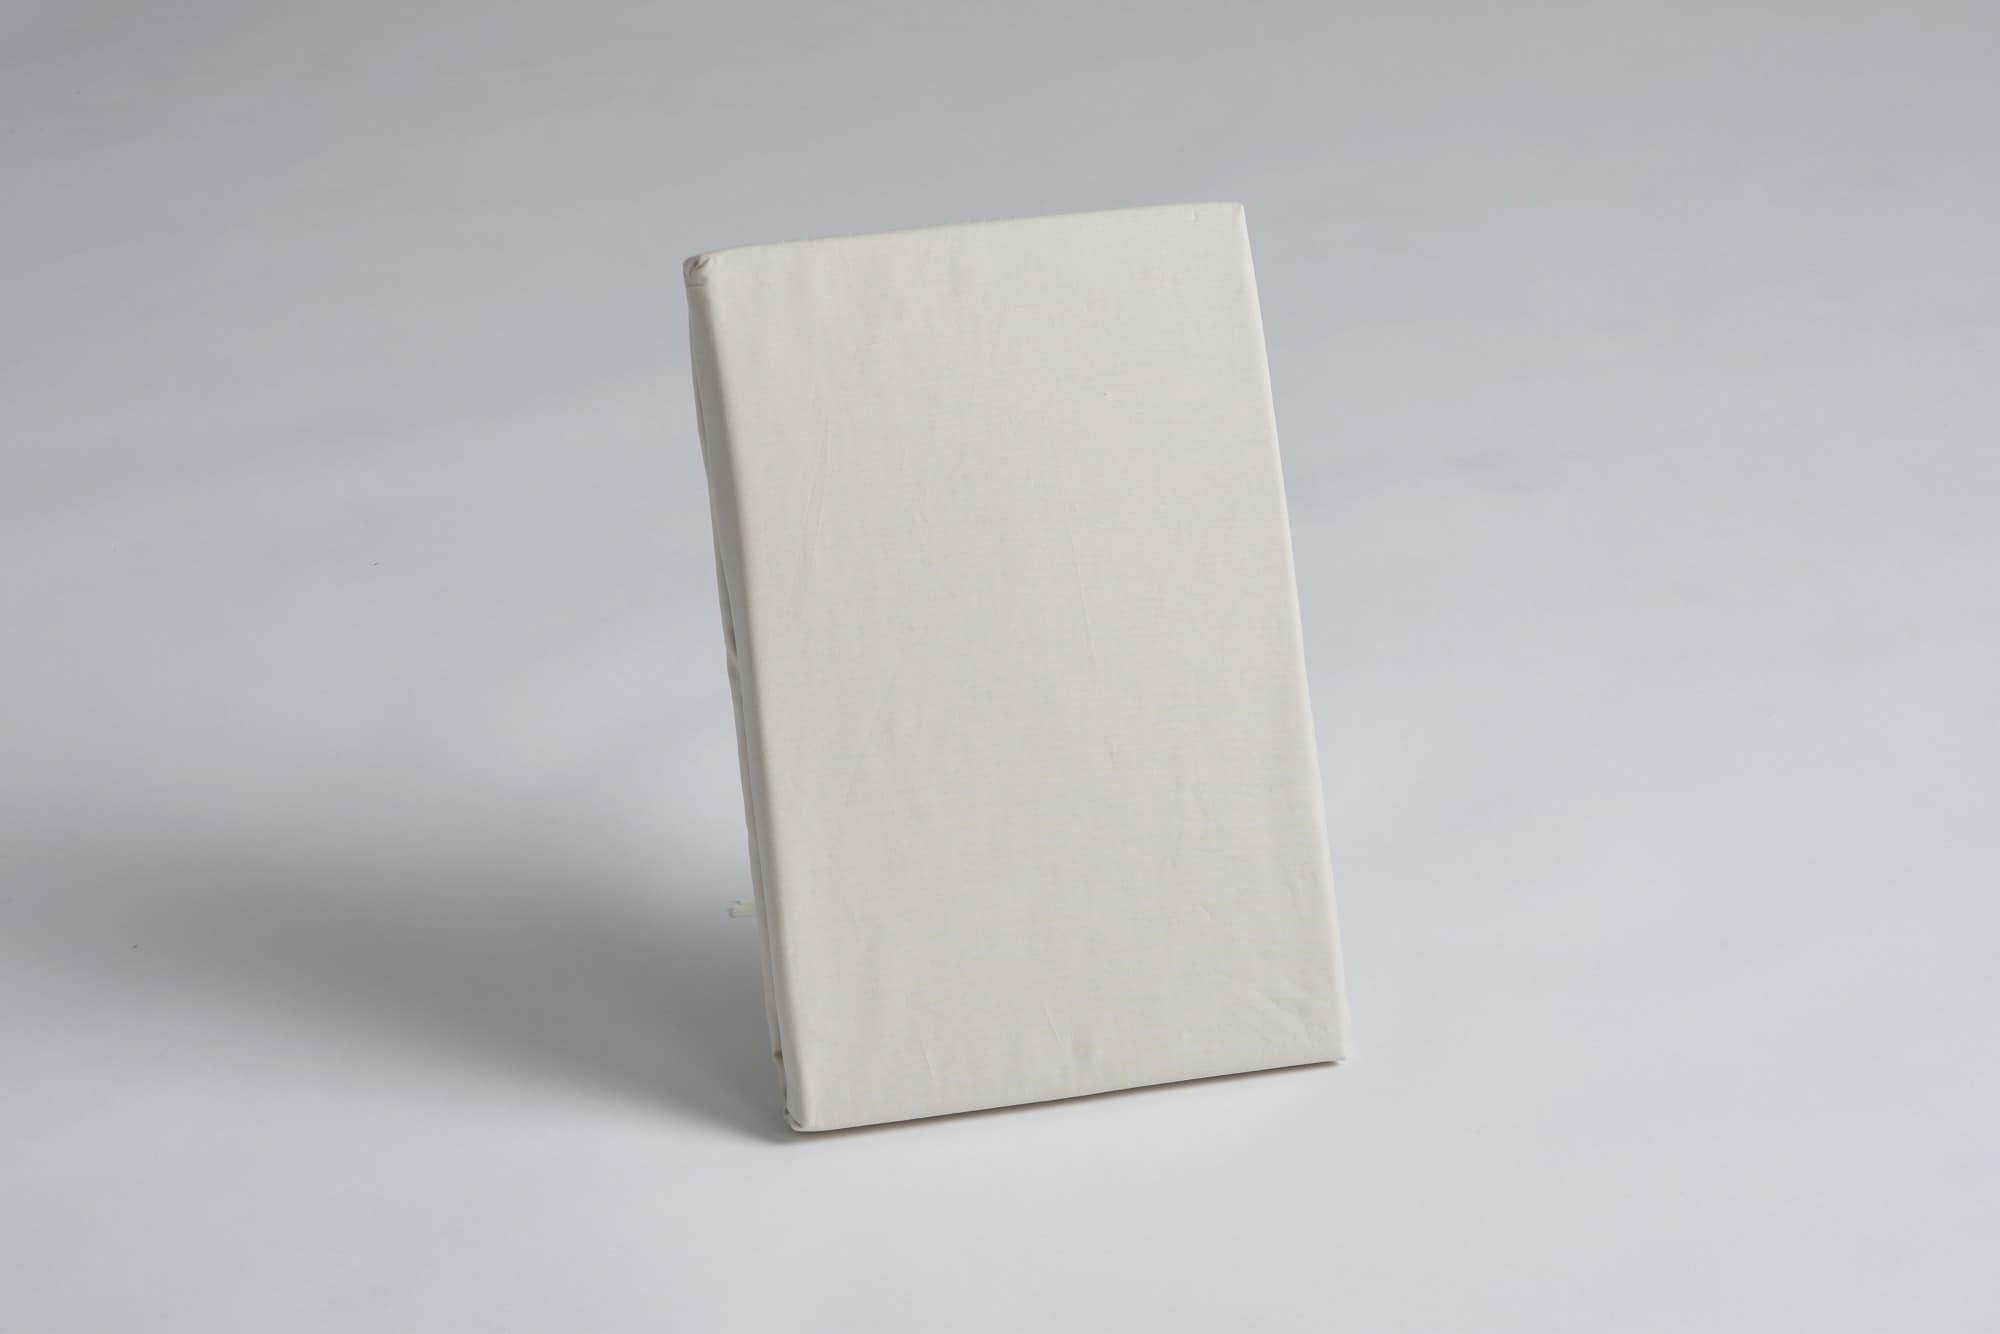 ボックスシーツ シングル用 45H ナチュラル:《綿100%を使用したボックスシーツ》